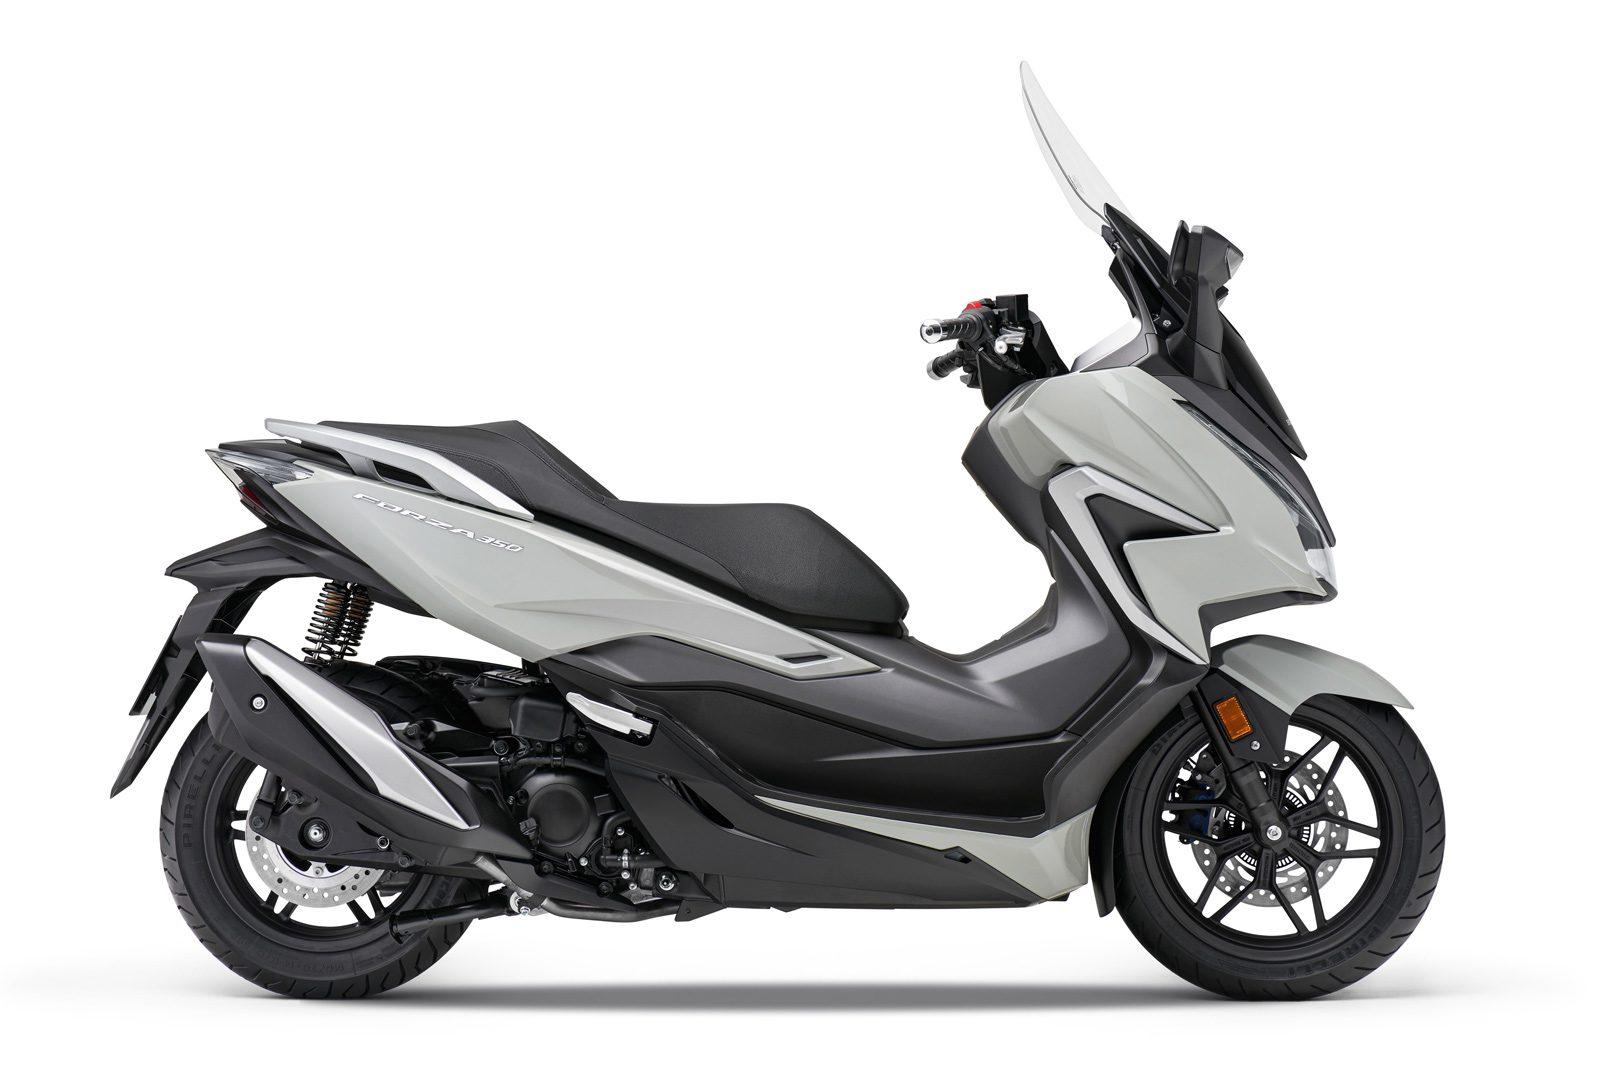 Honda Forza 350 2021 Arimany Motor Motos Nuevas Y De Ocasion